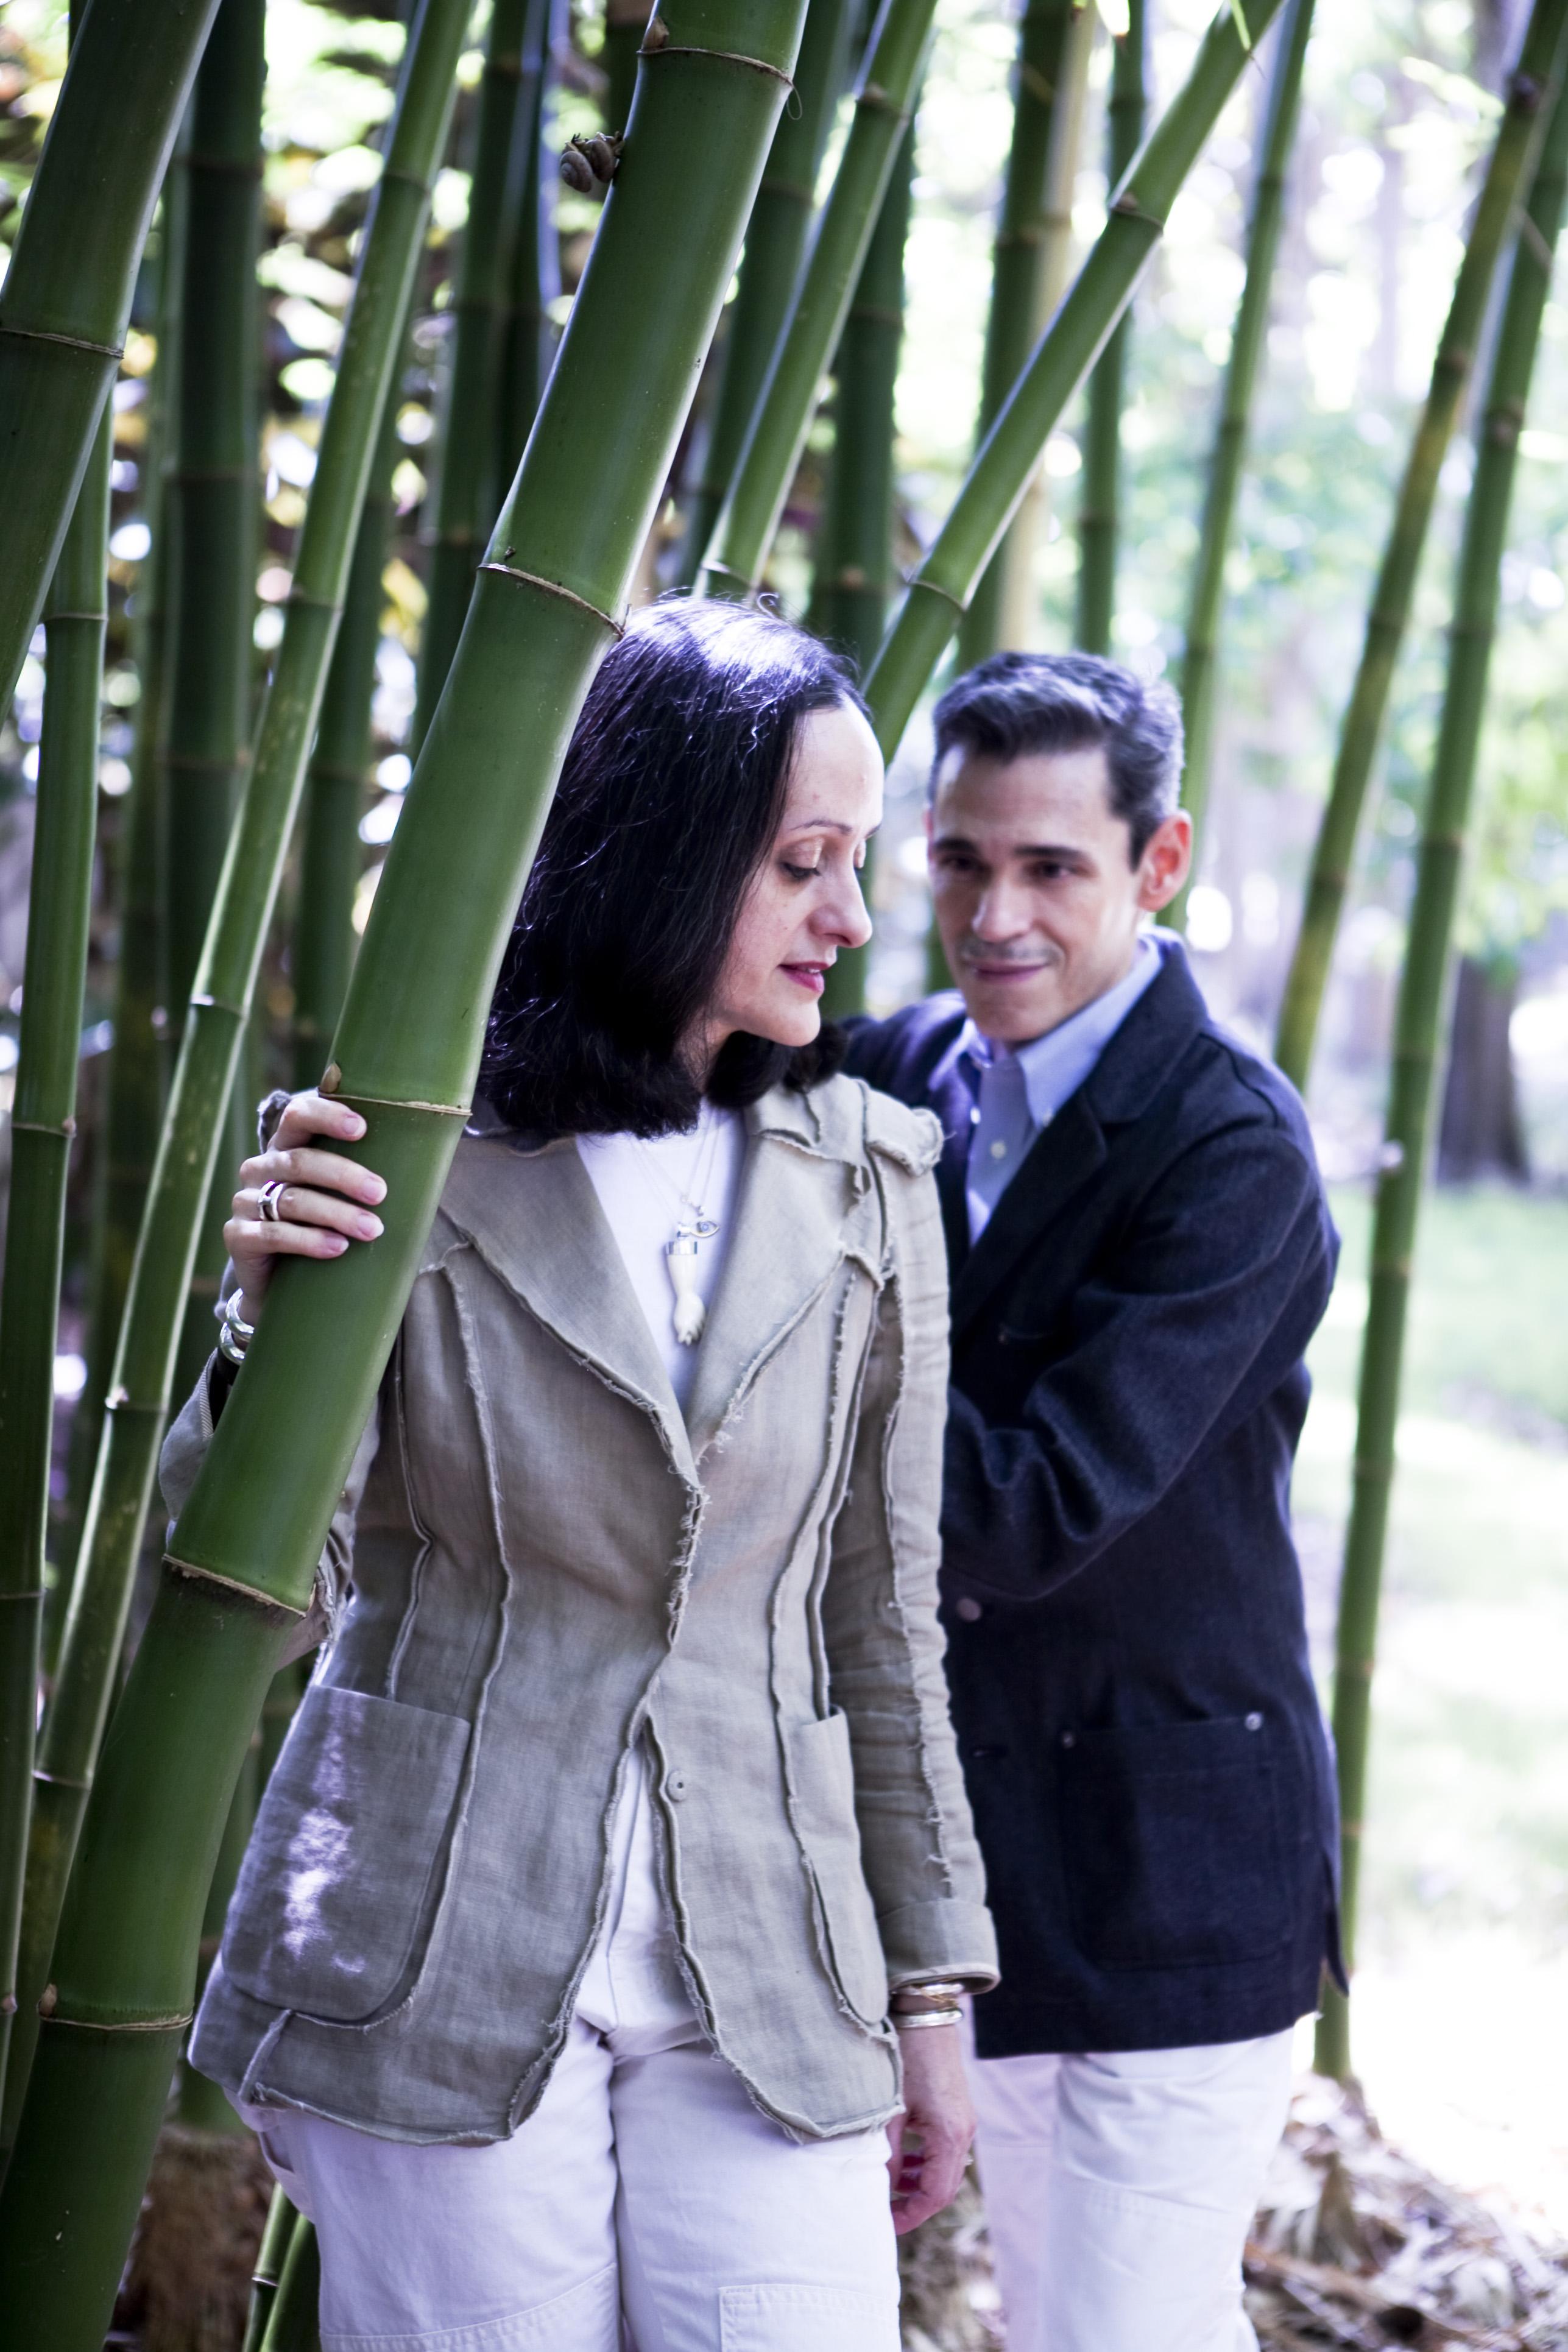 """""""Para mí fue amor a primera vista"""", reveló Ruben en su entrevista con Magacín, """"Tengo unos instintos magníficos para lo que me conviene. E Isabel es mi ingrediente esencial"""". Verlos en fotos hace pensar parejas como Frida Kahlo y Diego Rivera, en Salvador Dalí y Gala. """"Cada matrimonio es una colaboración especial y única, tan profunda y complicada como las personas mismas"""", añadió Isabel. (Foto Archivo GFR Media)"""